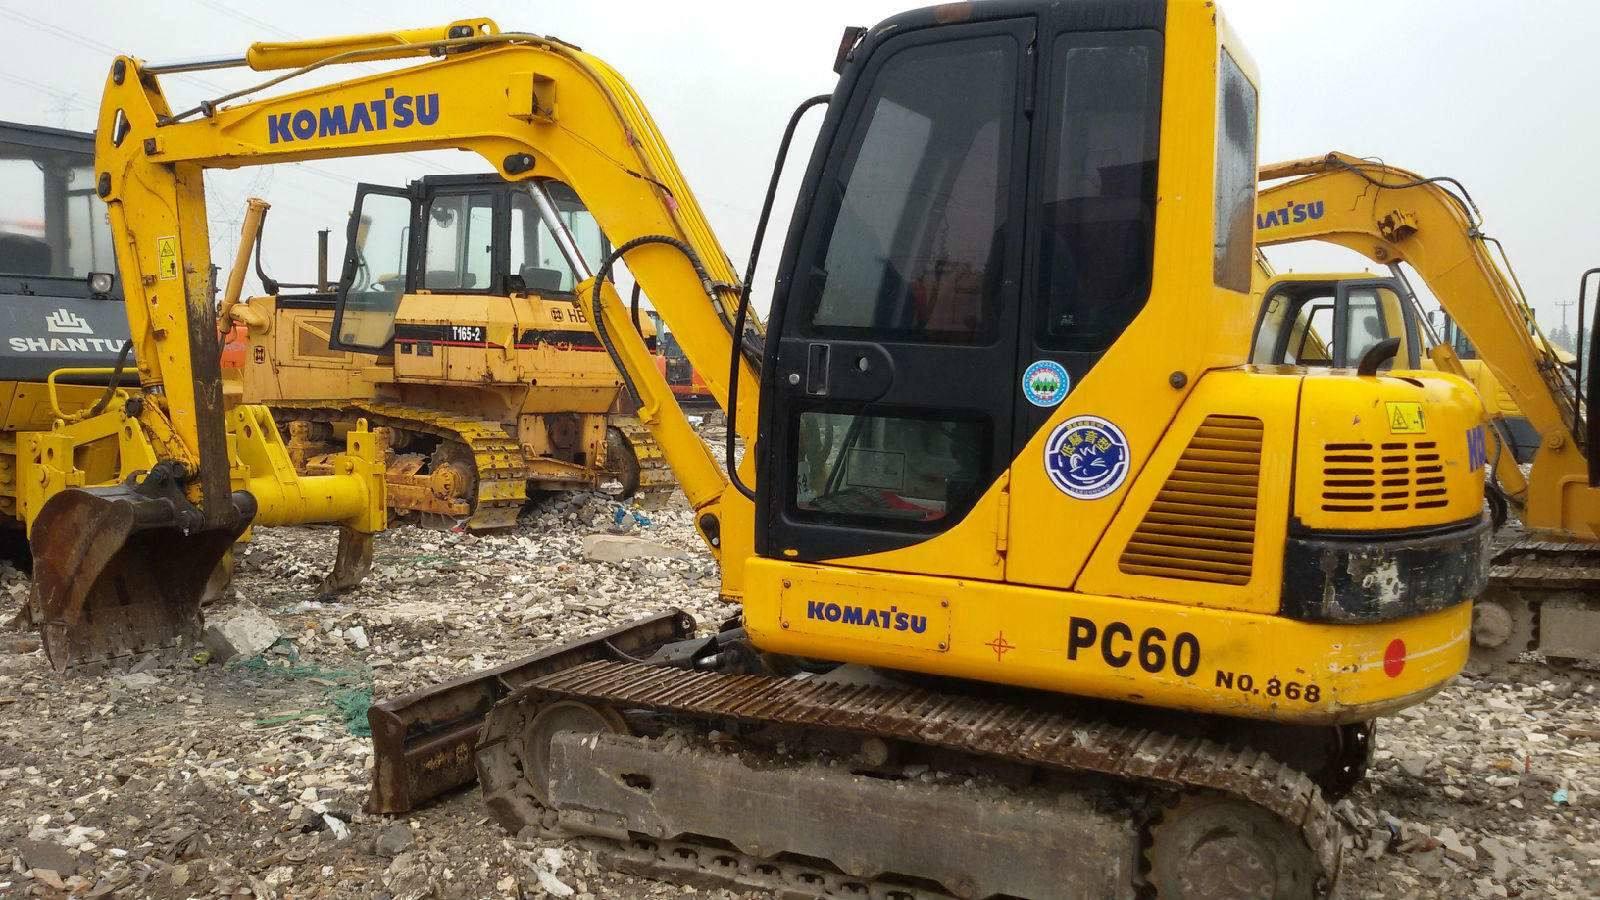 挖掘机工作时间中断,导致挖掘机无法正常工作